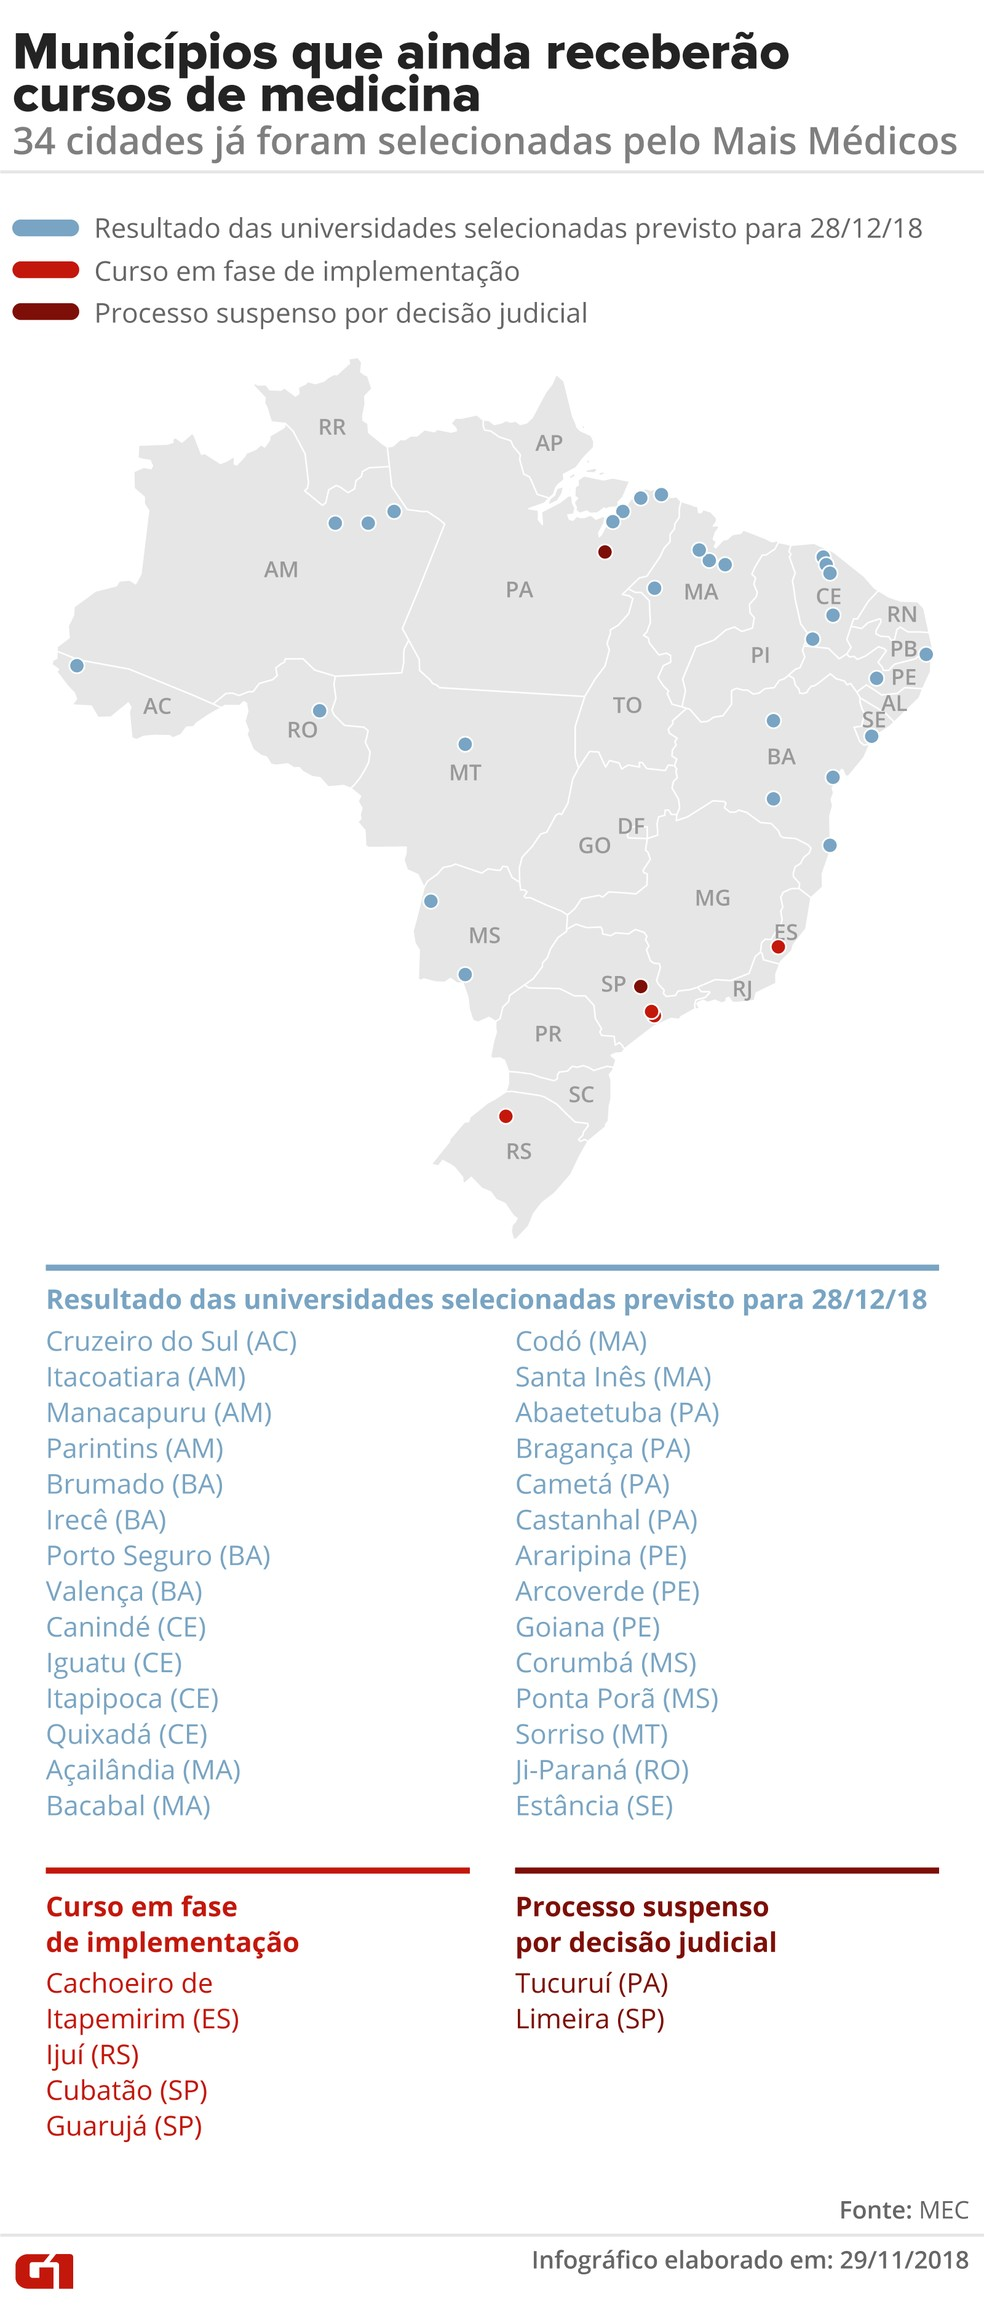 Mesmo com a moratória nos novos cursos de medicina, ainda estão previstas 1.760 vagas em 34 municípios, resultantes de processos que já estavam em andamento antes dessa decisão — Foto: Alexandre Mauro/G1